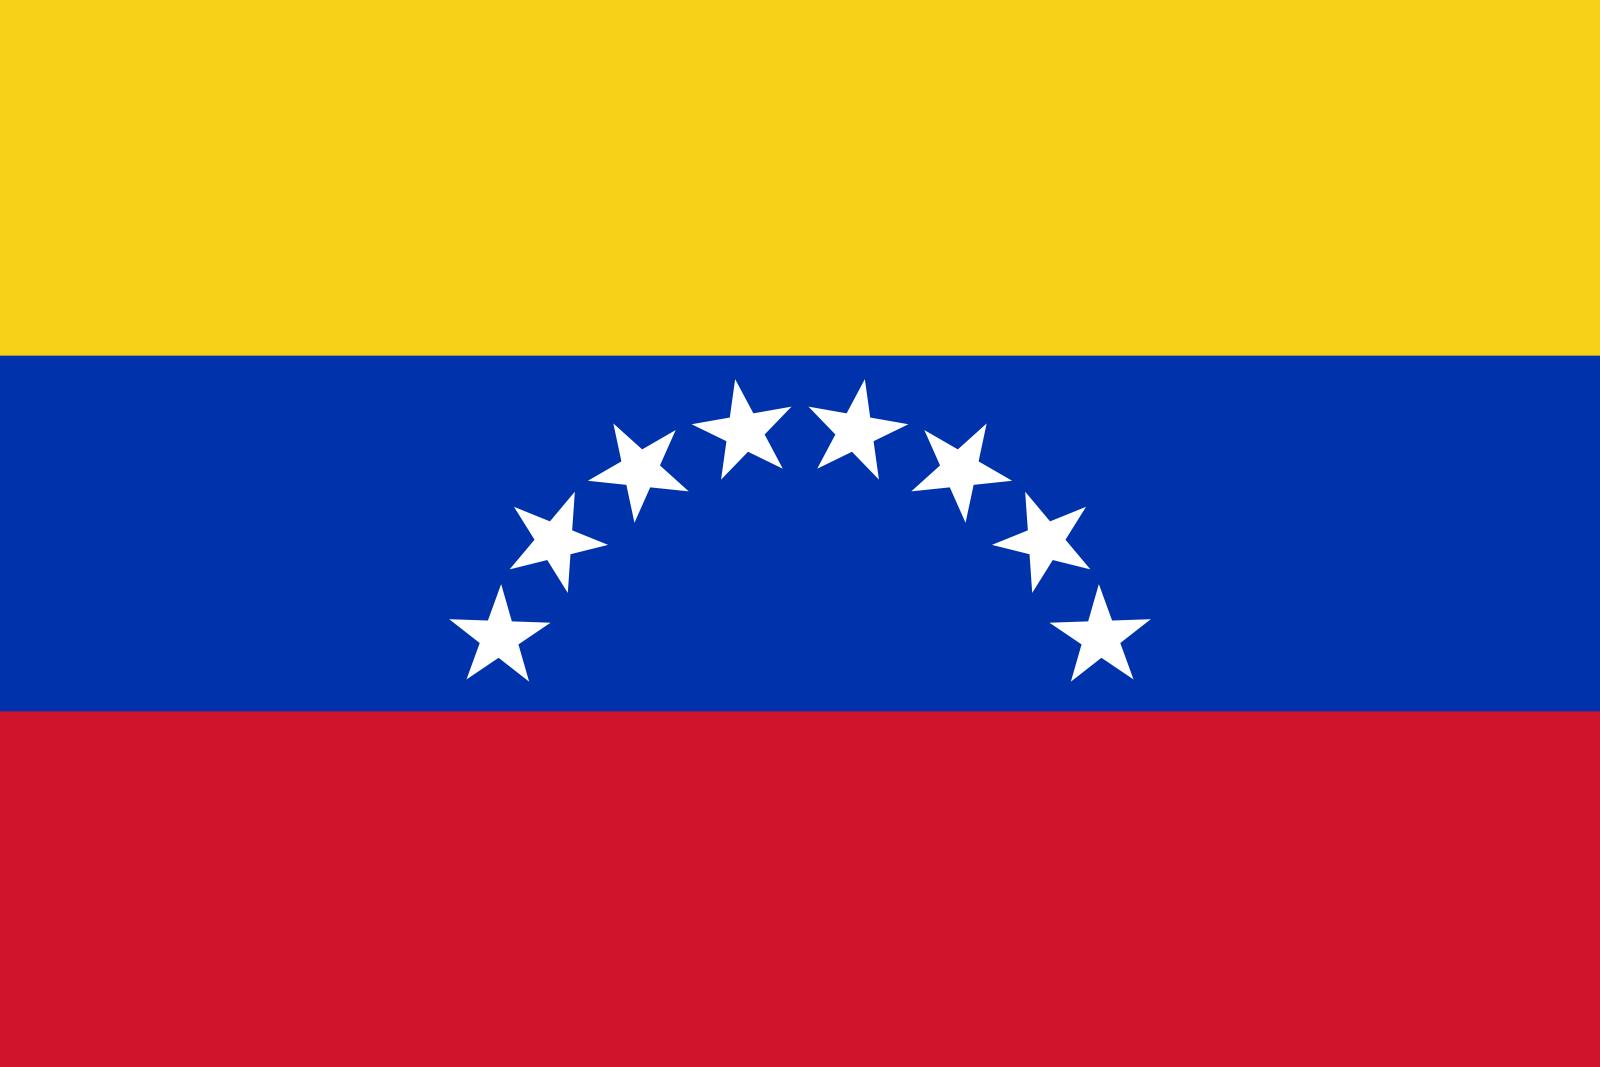 Drapeau venezuela drapeau am rique du sud carte du monde - Drapeau de l amerique ...